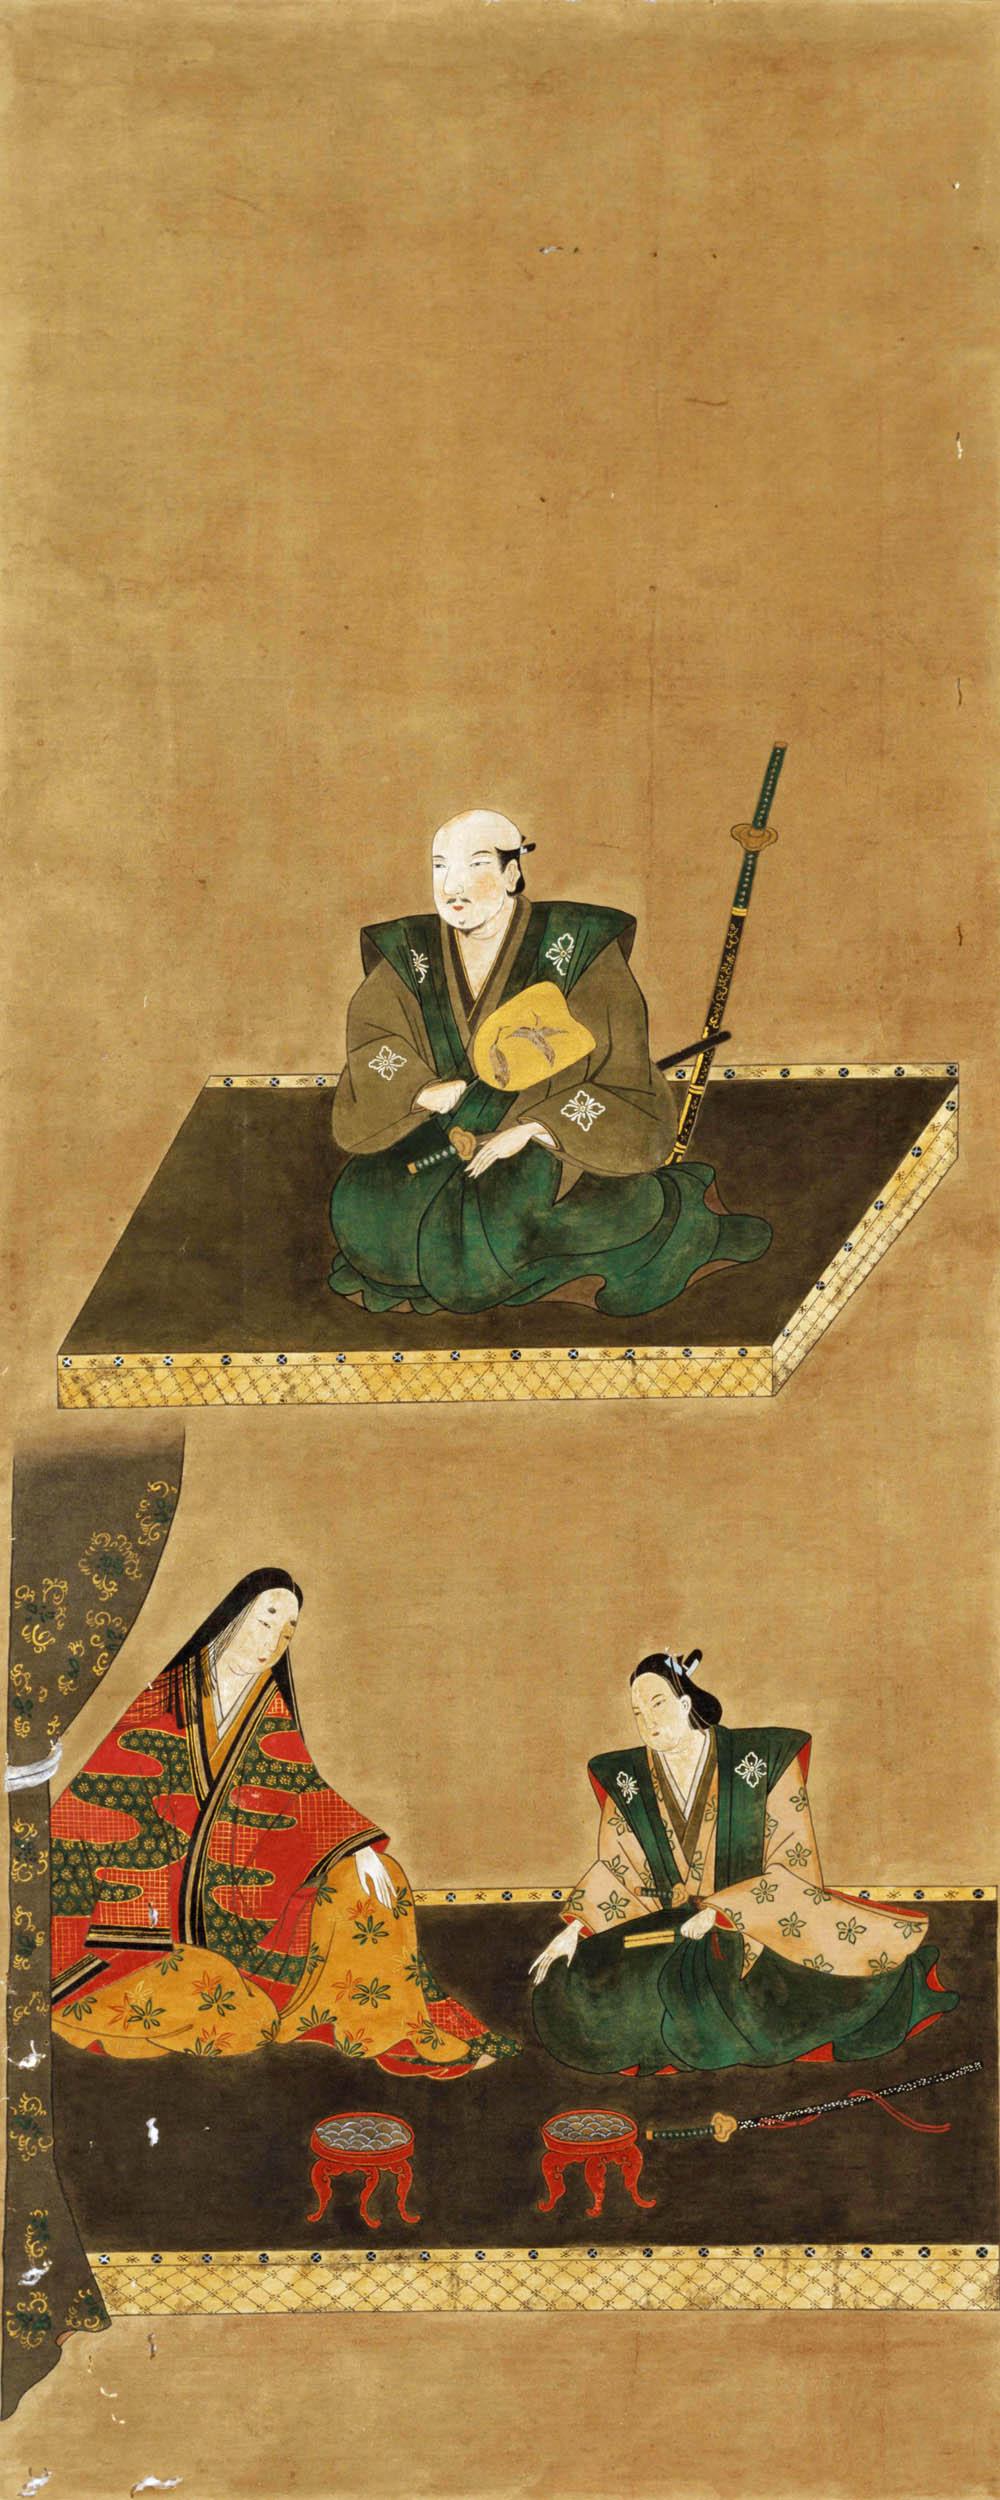 武田勝頼・北条夫人・武田信勝画像(持明院所蔵)